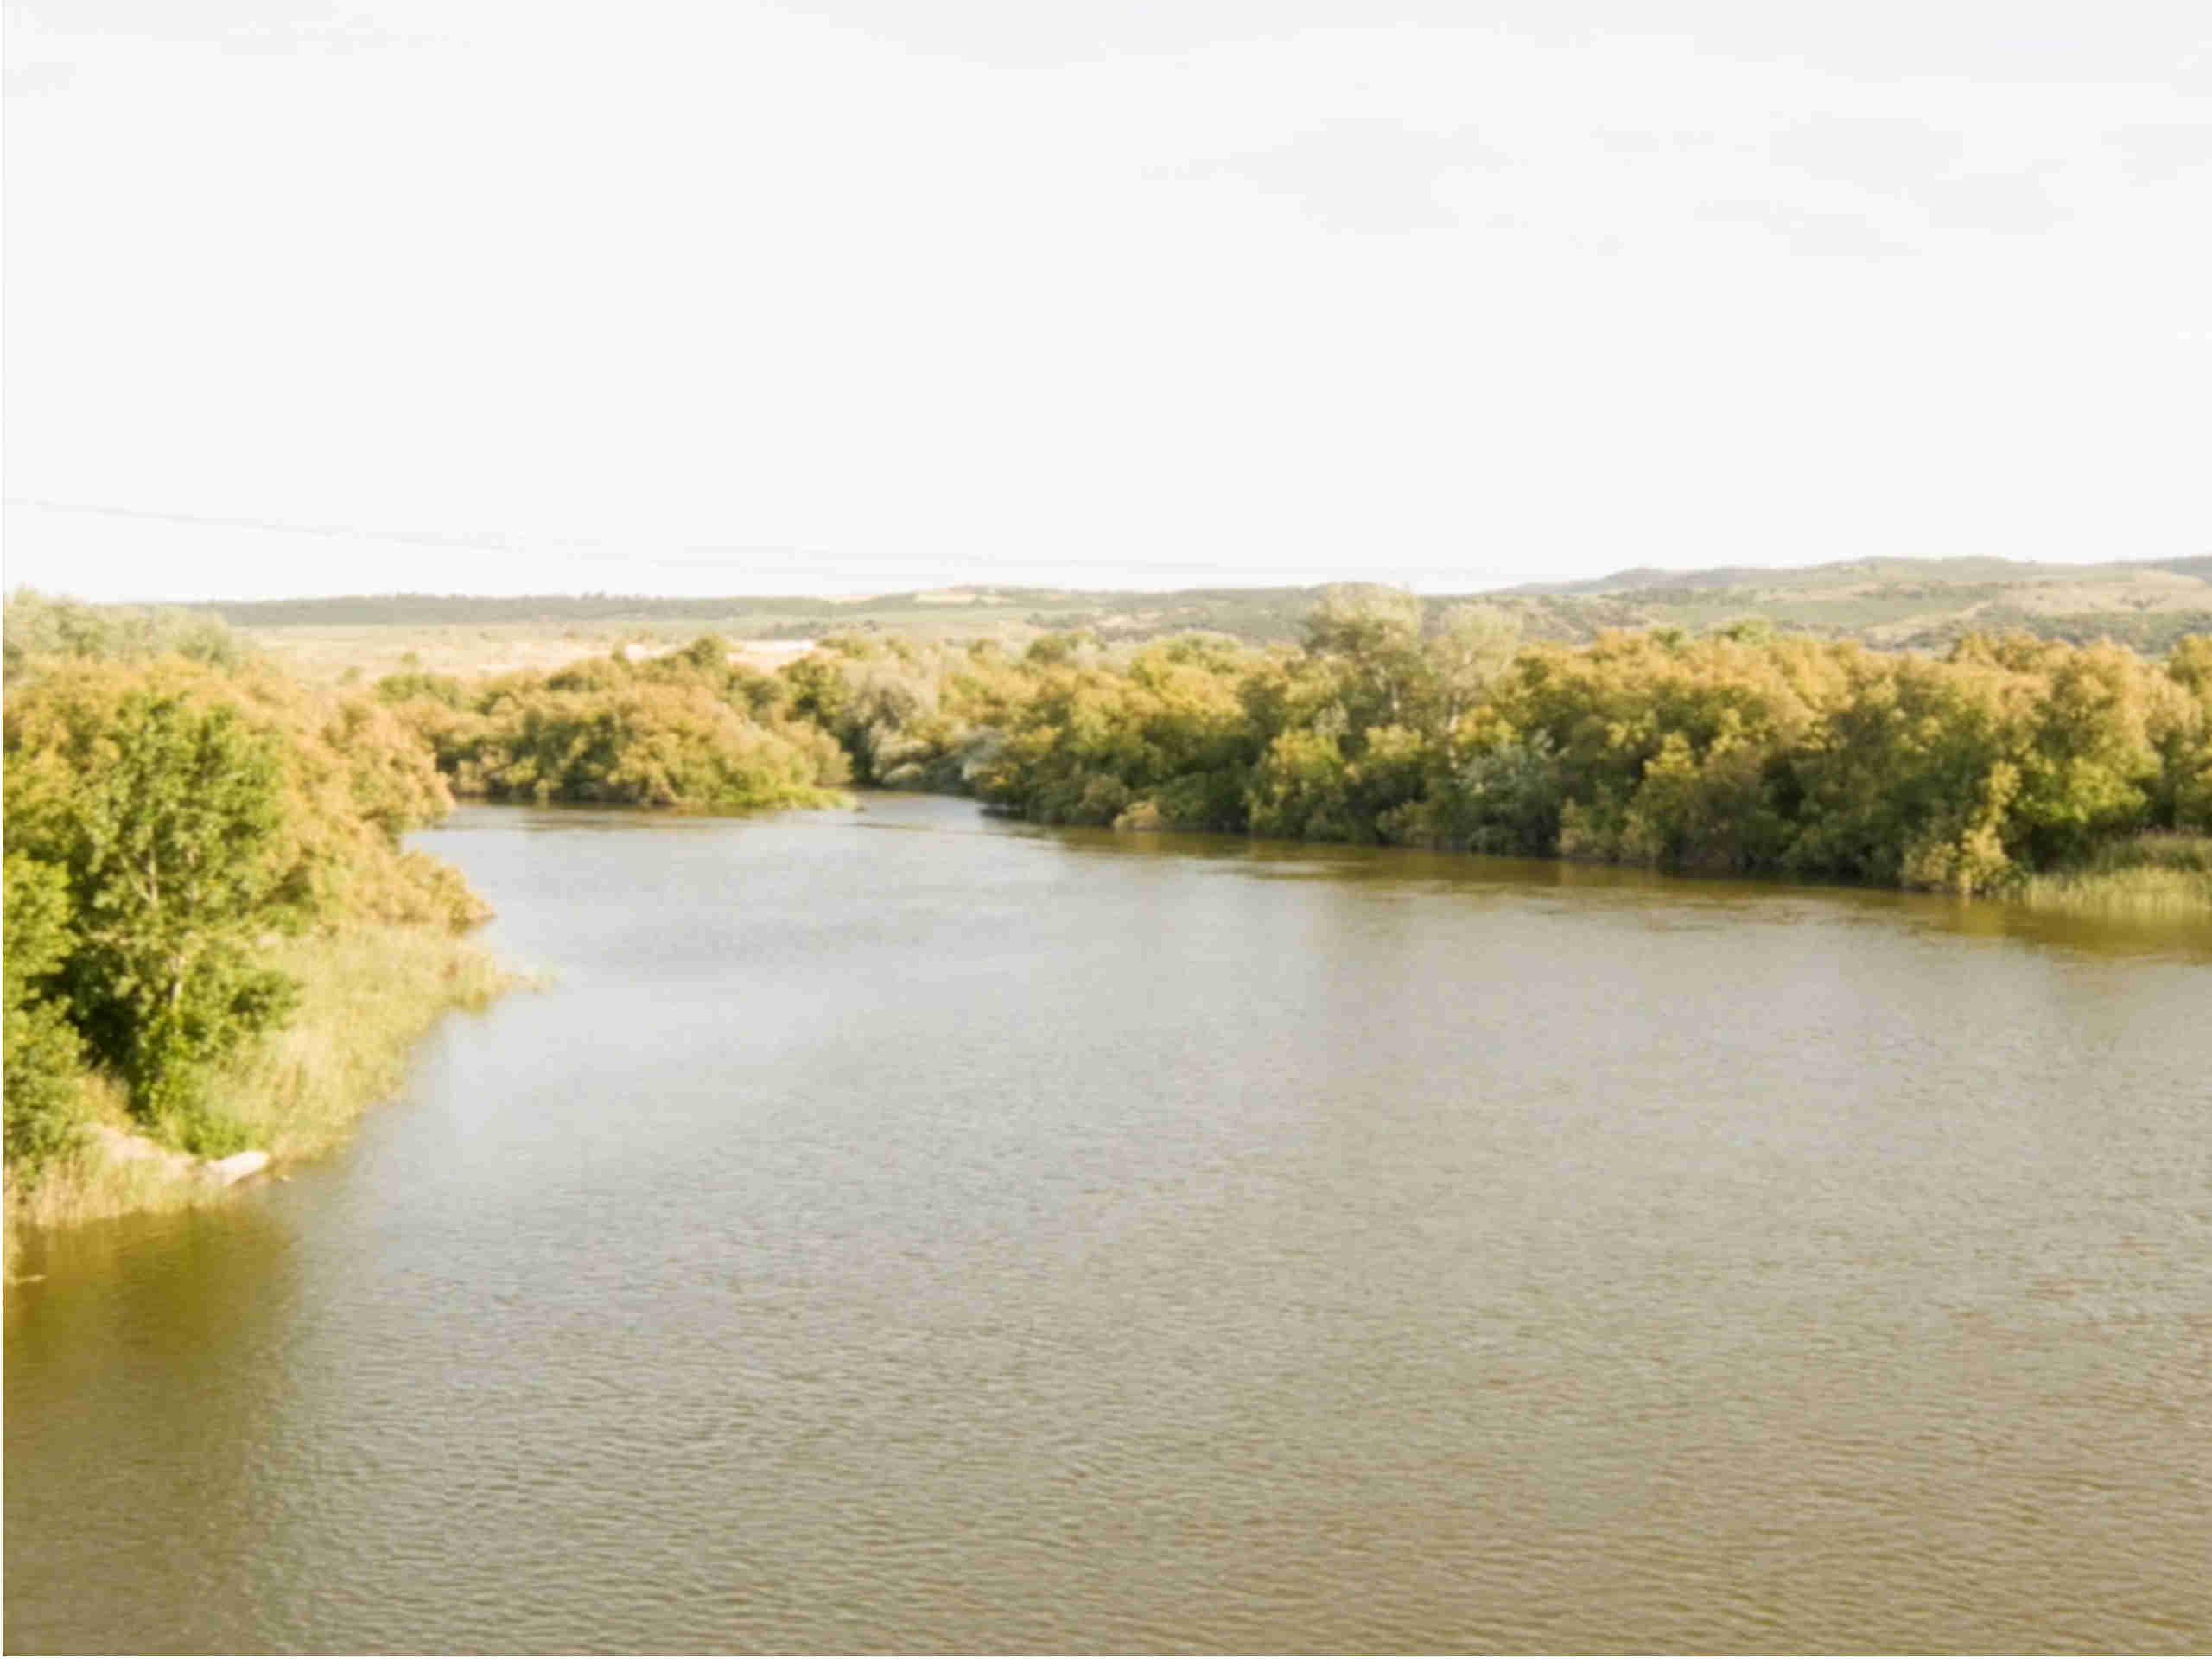 La finca Casas de Hualdo rio Tajo